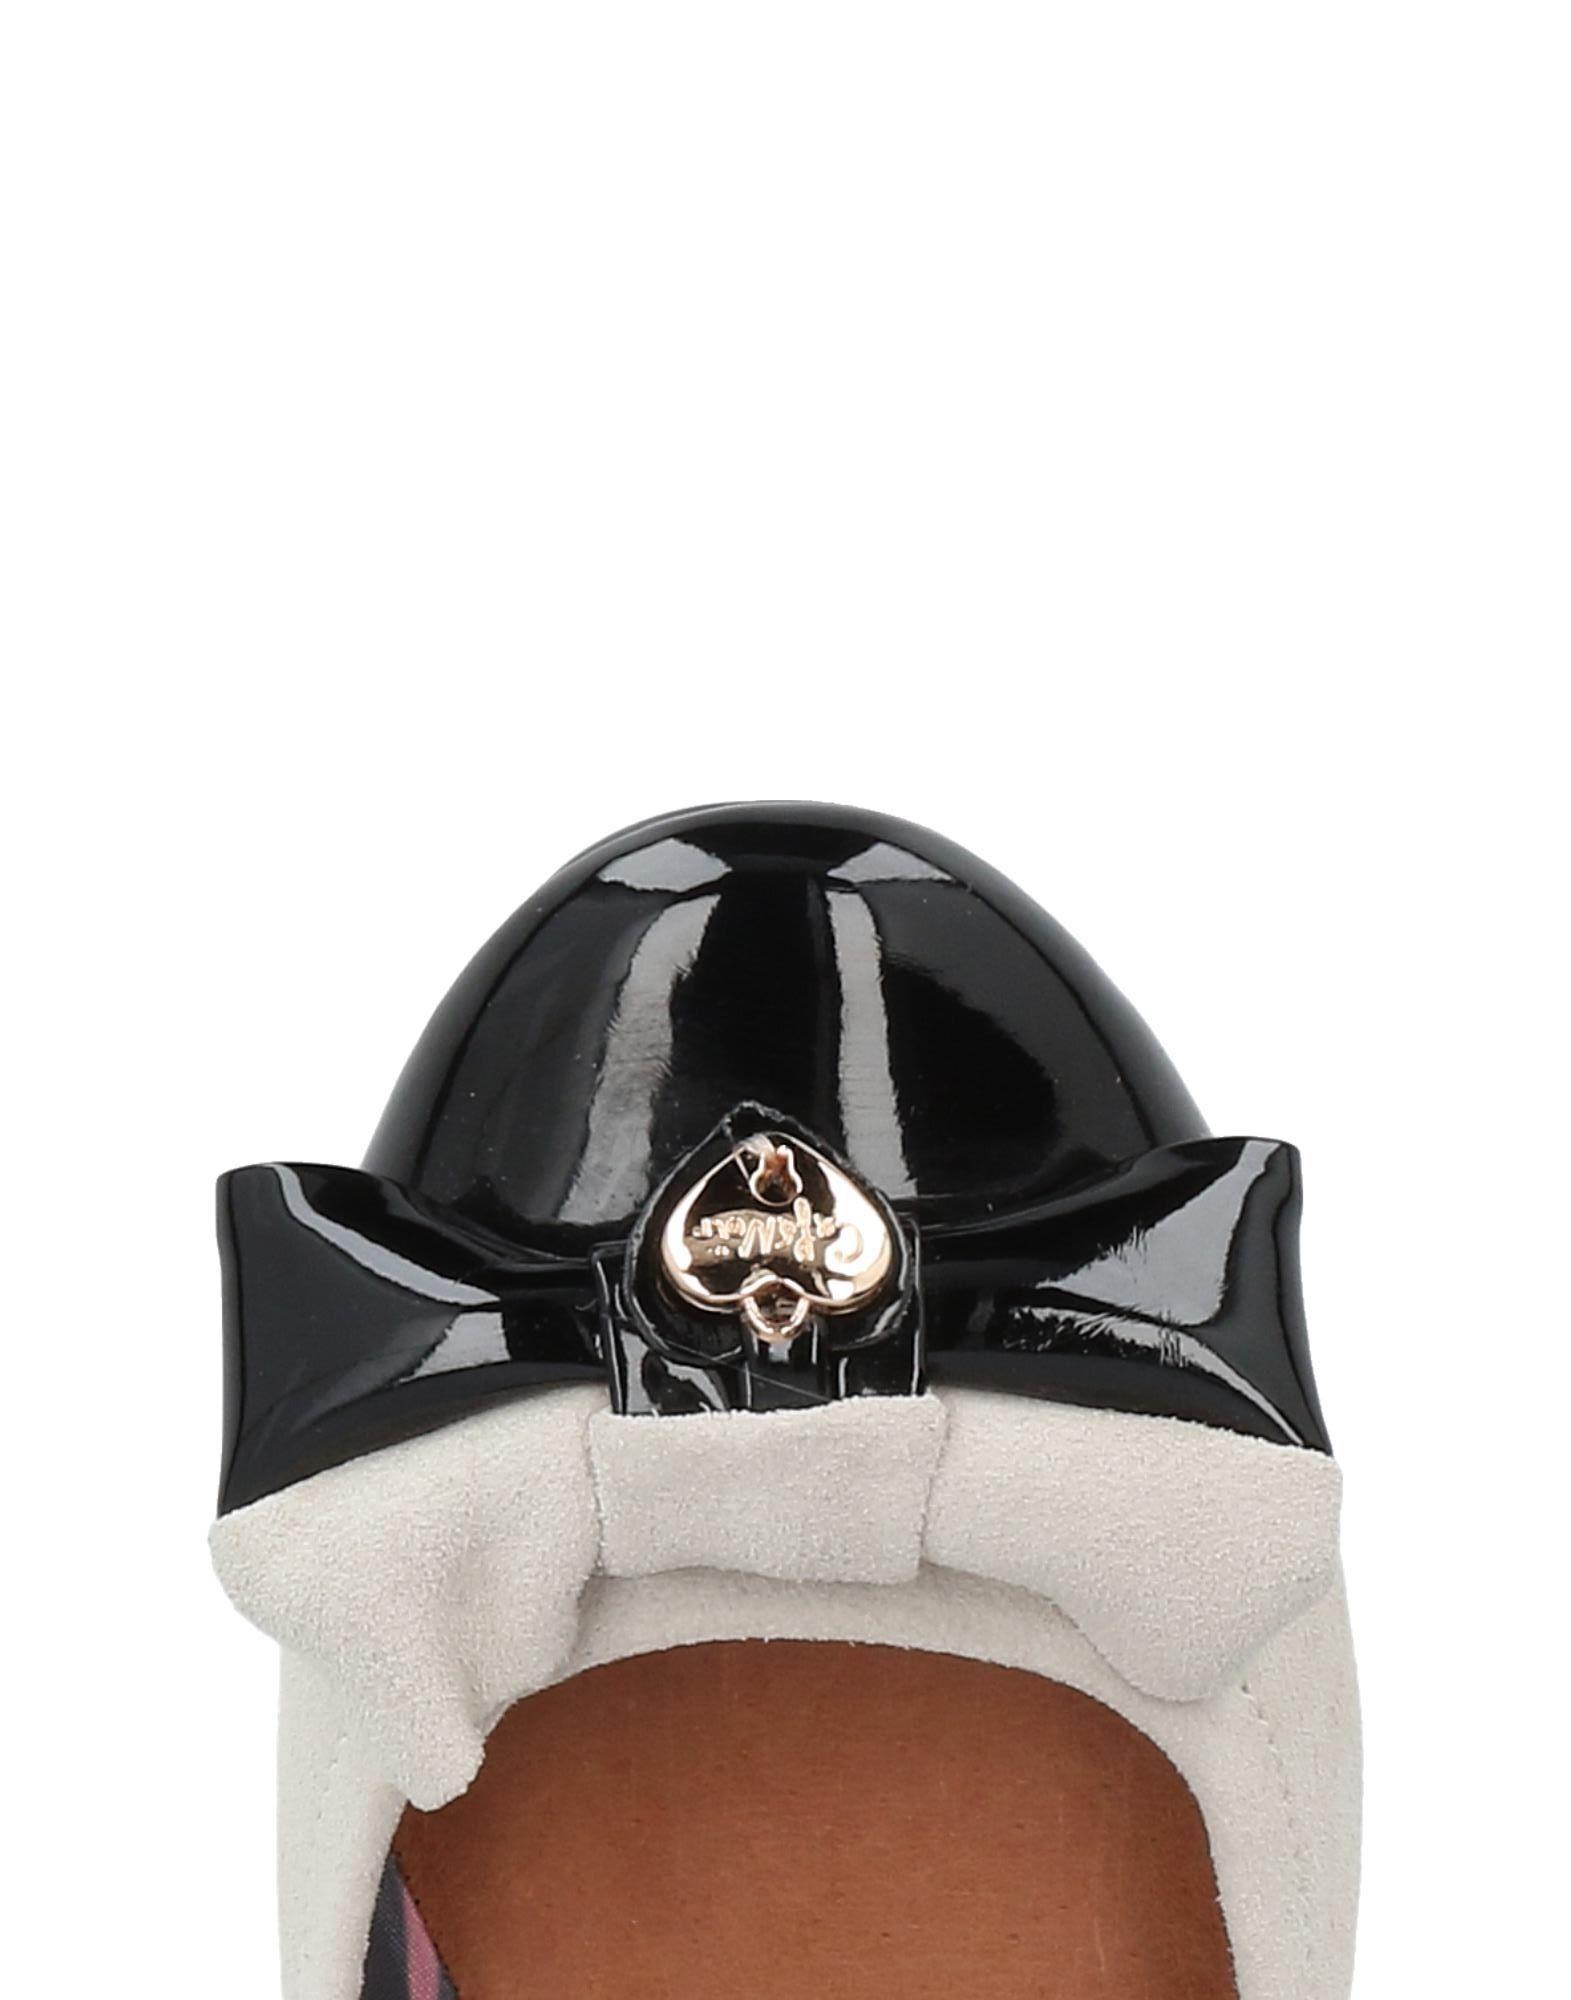 Cafènoir Ballerinas Damen  11458159SX Schuhe Gute Qualität beliebte Schuhe 11458159SX a1fad1